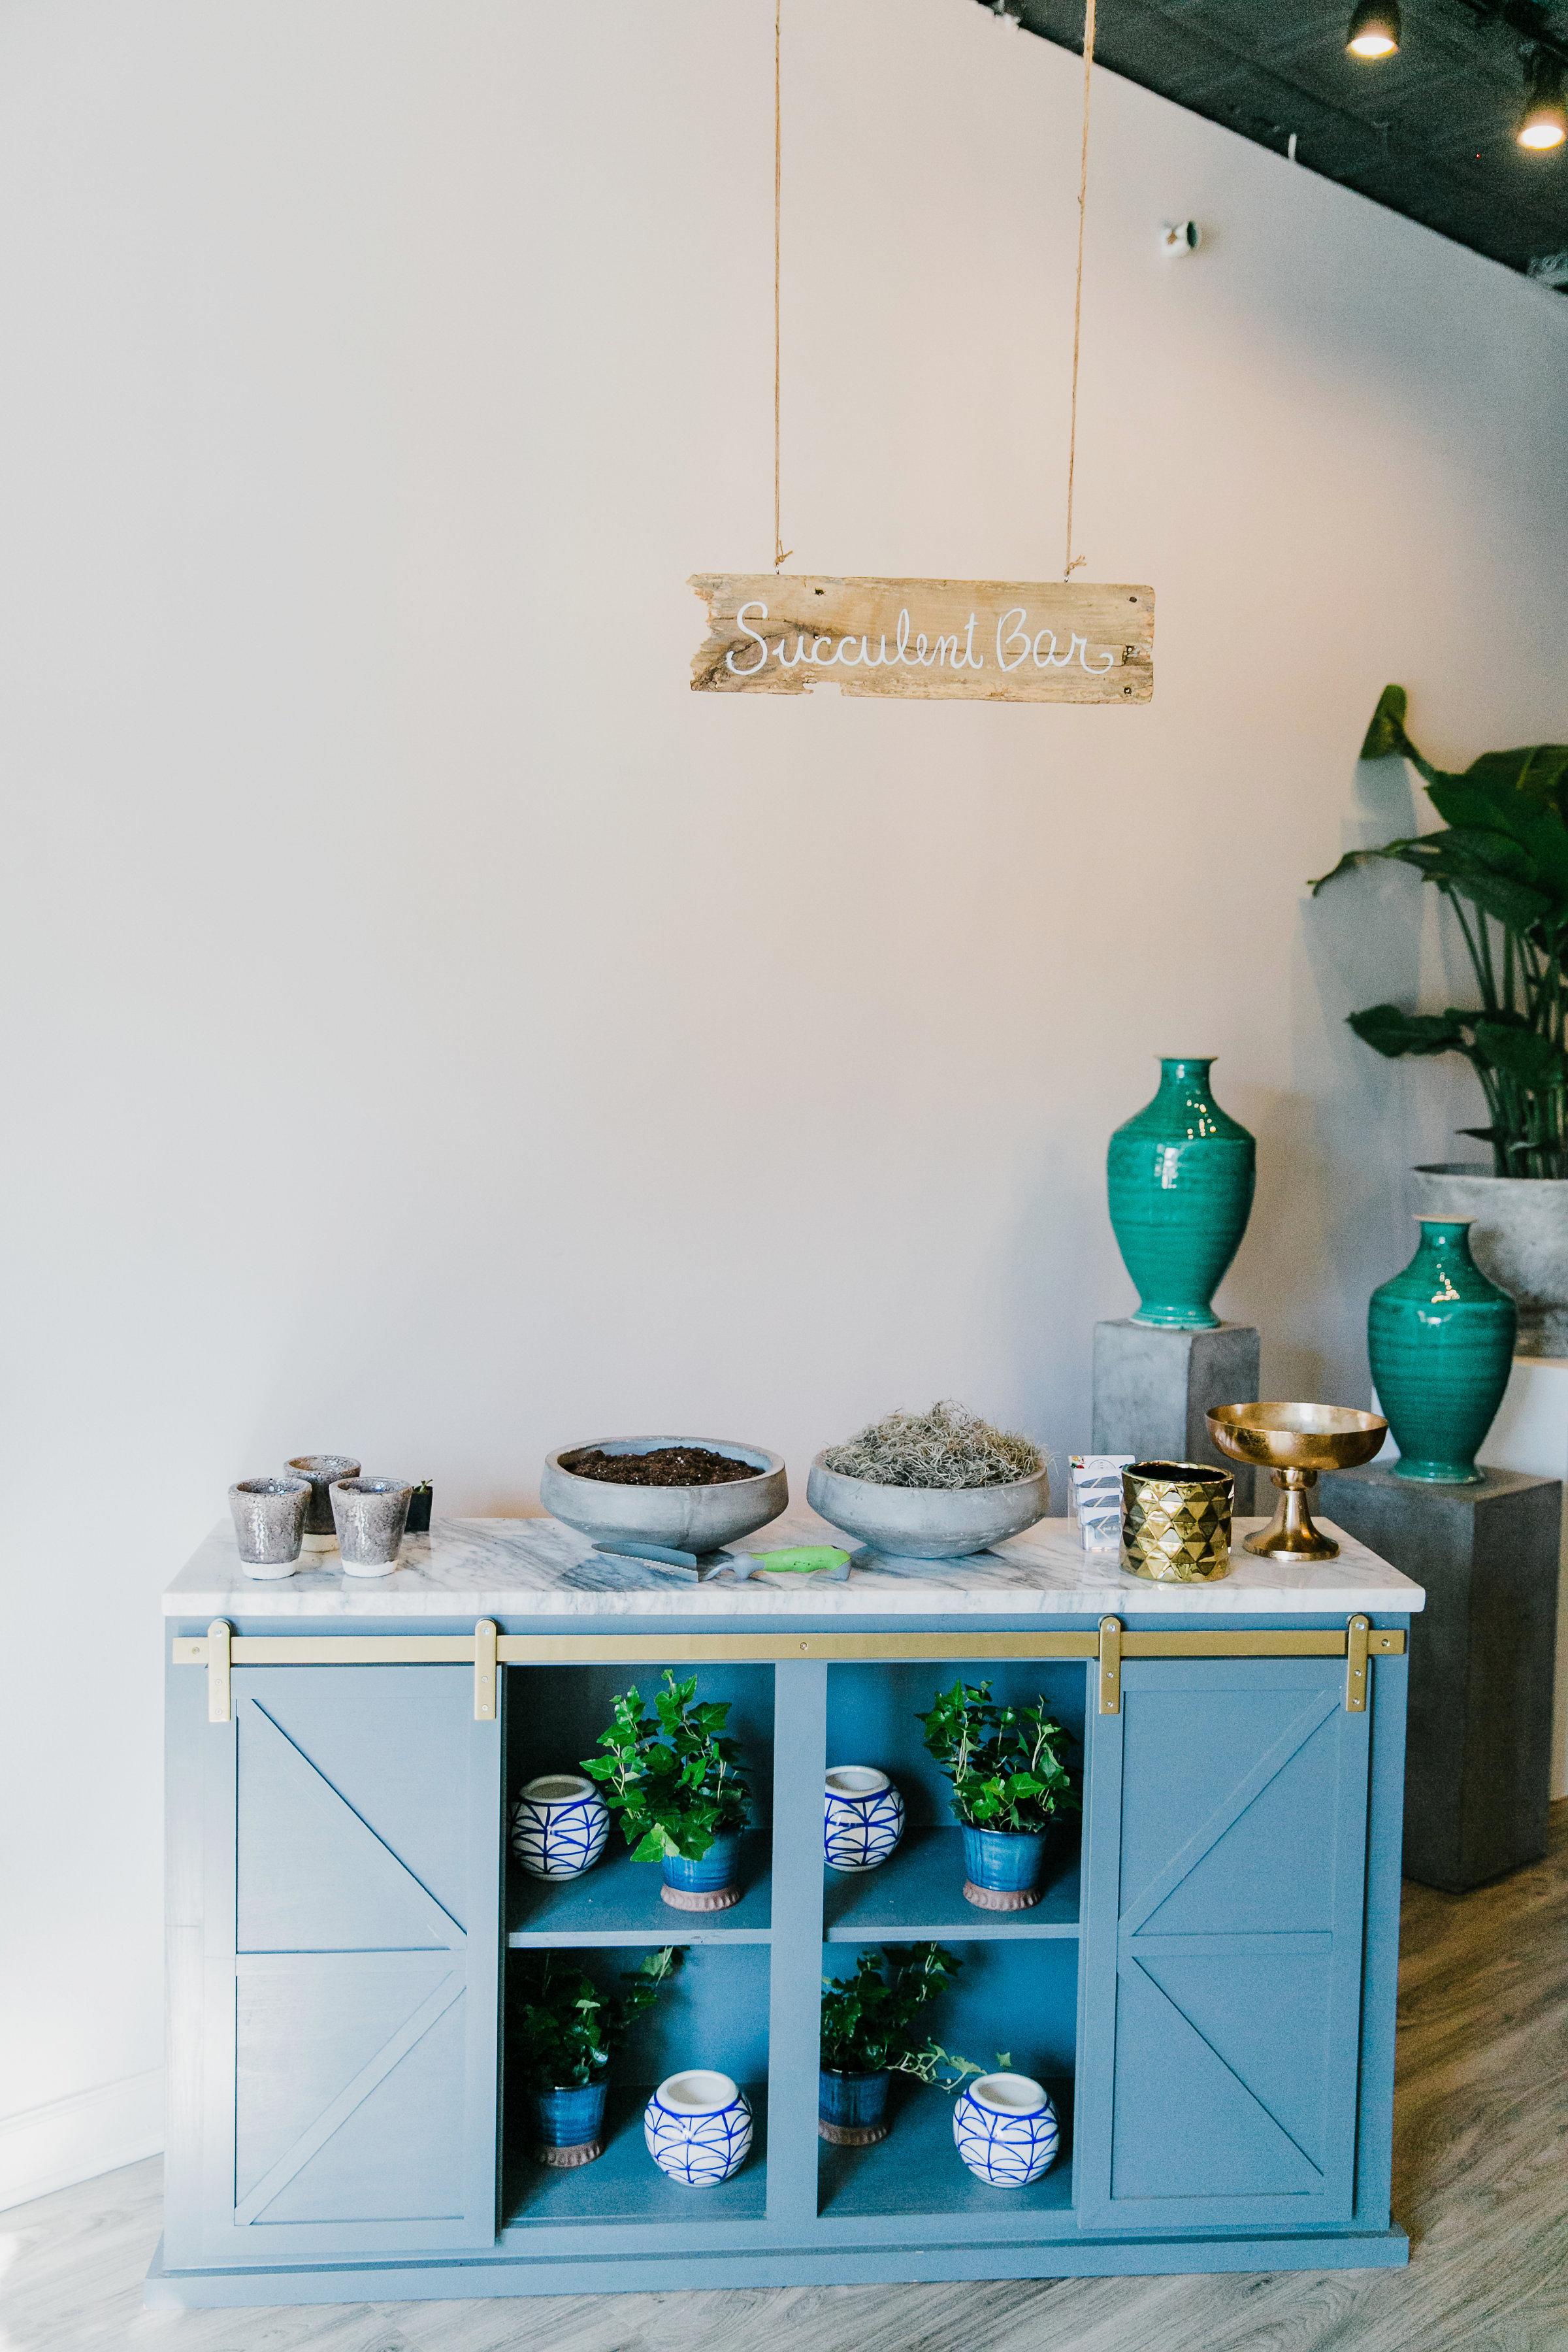 Open-House-Succulent-Bar.jpg